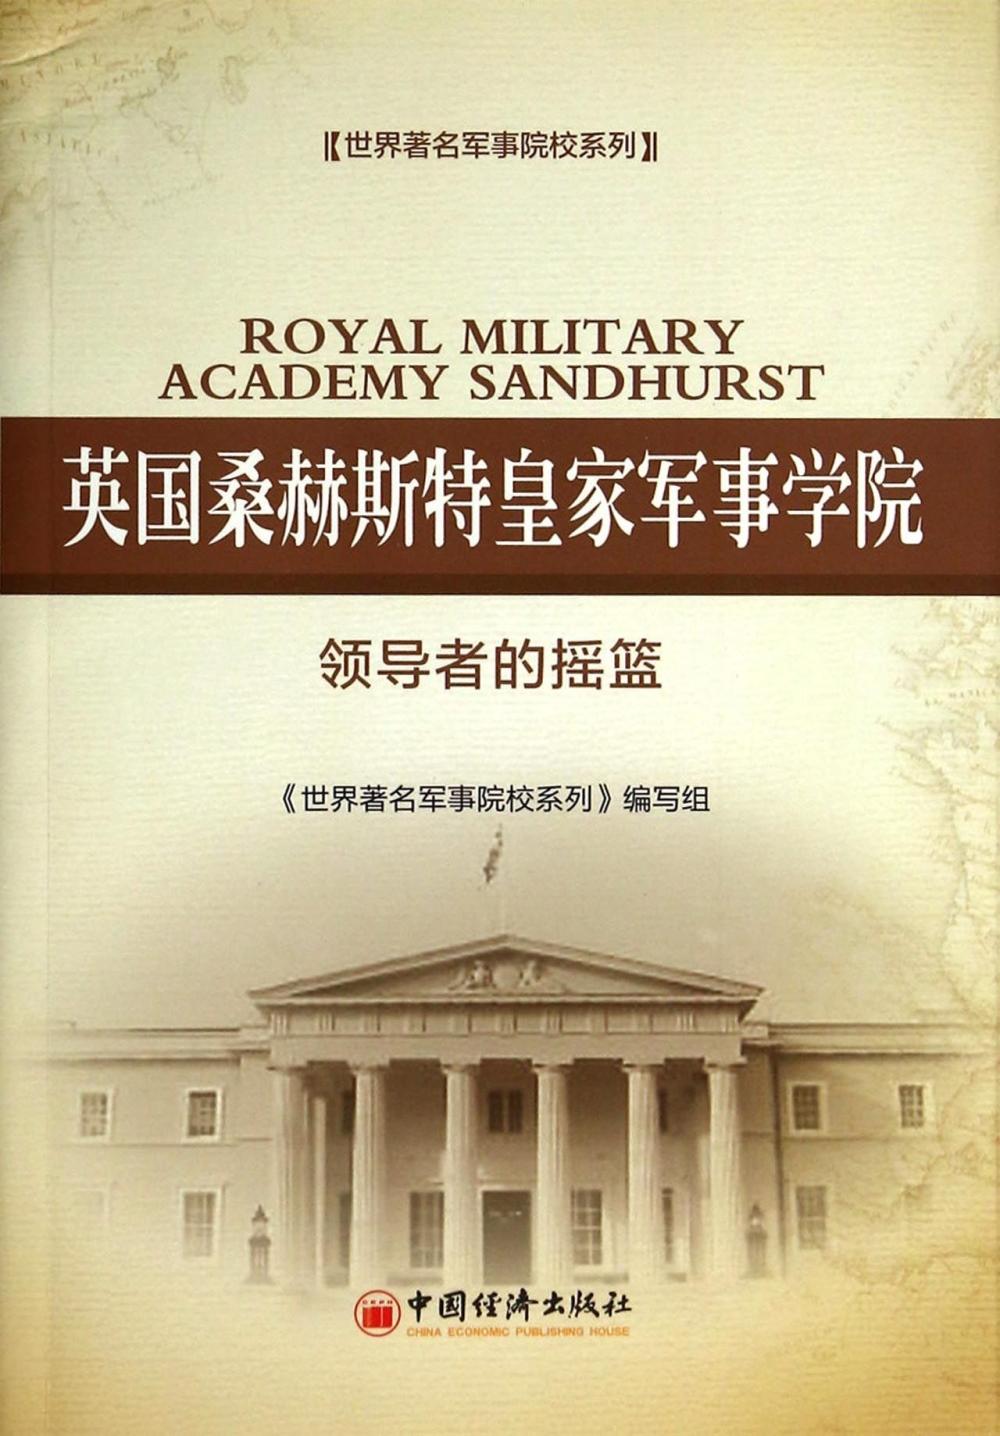 英國桑赫斯特皇家軍事學院:領導的搖籃